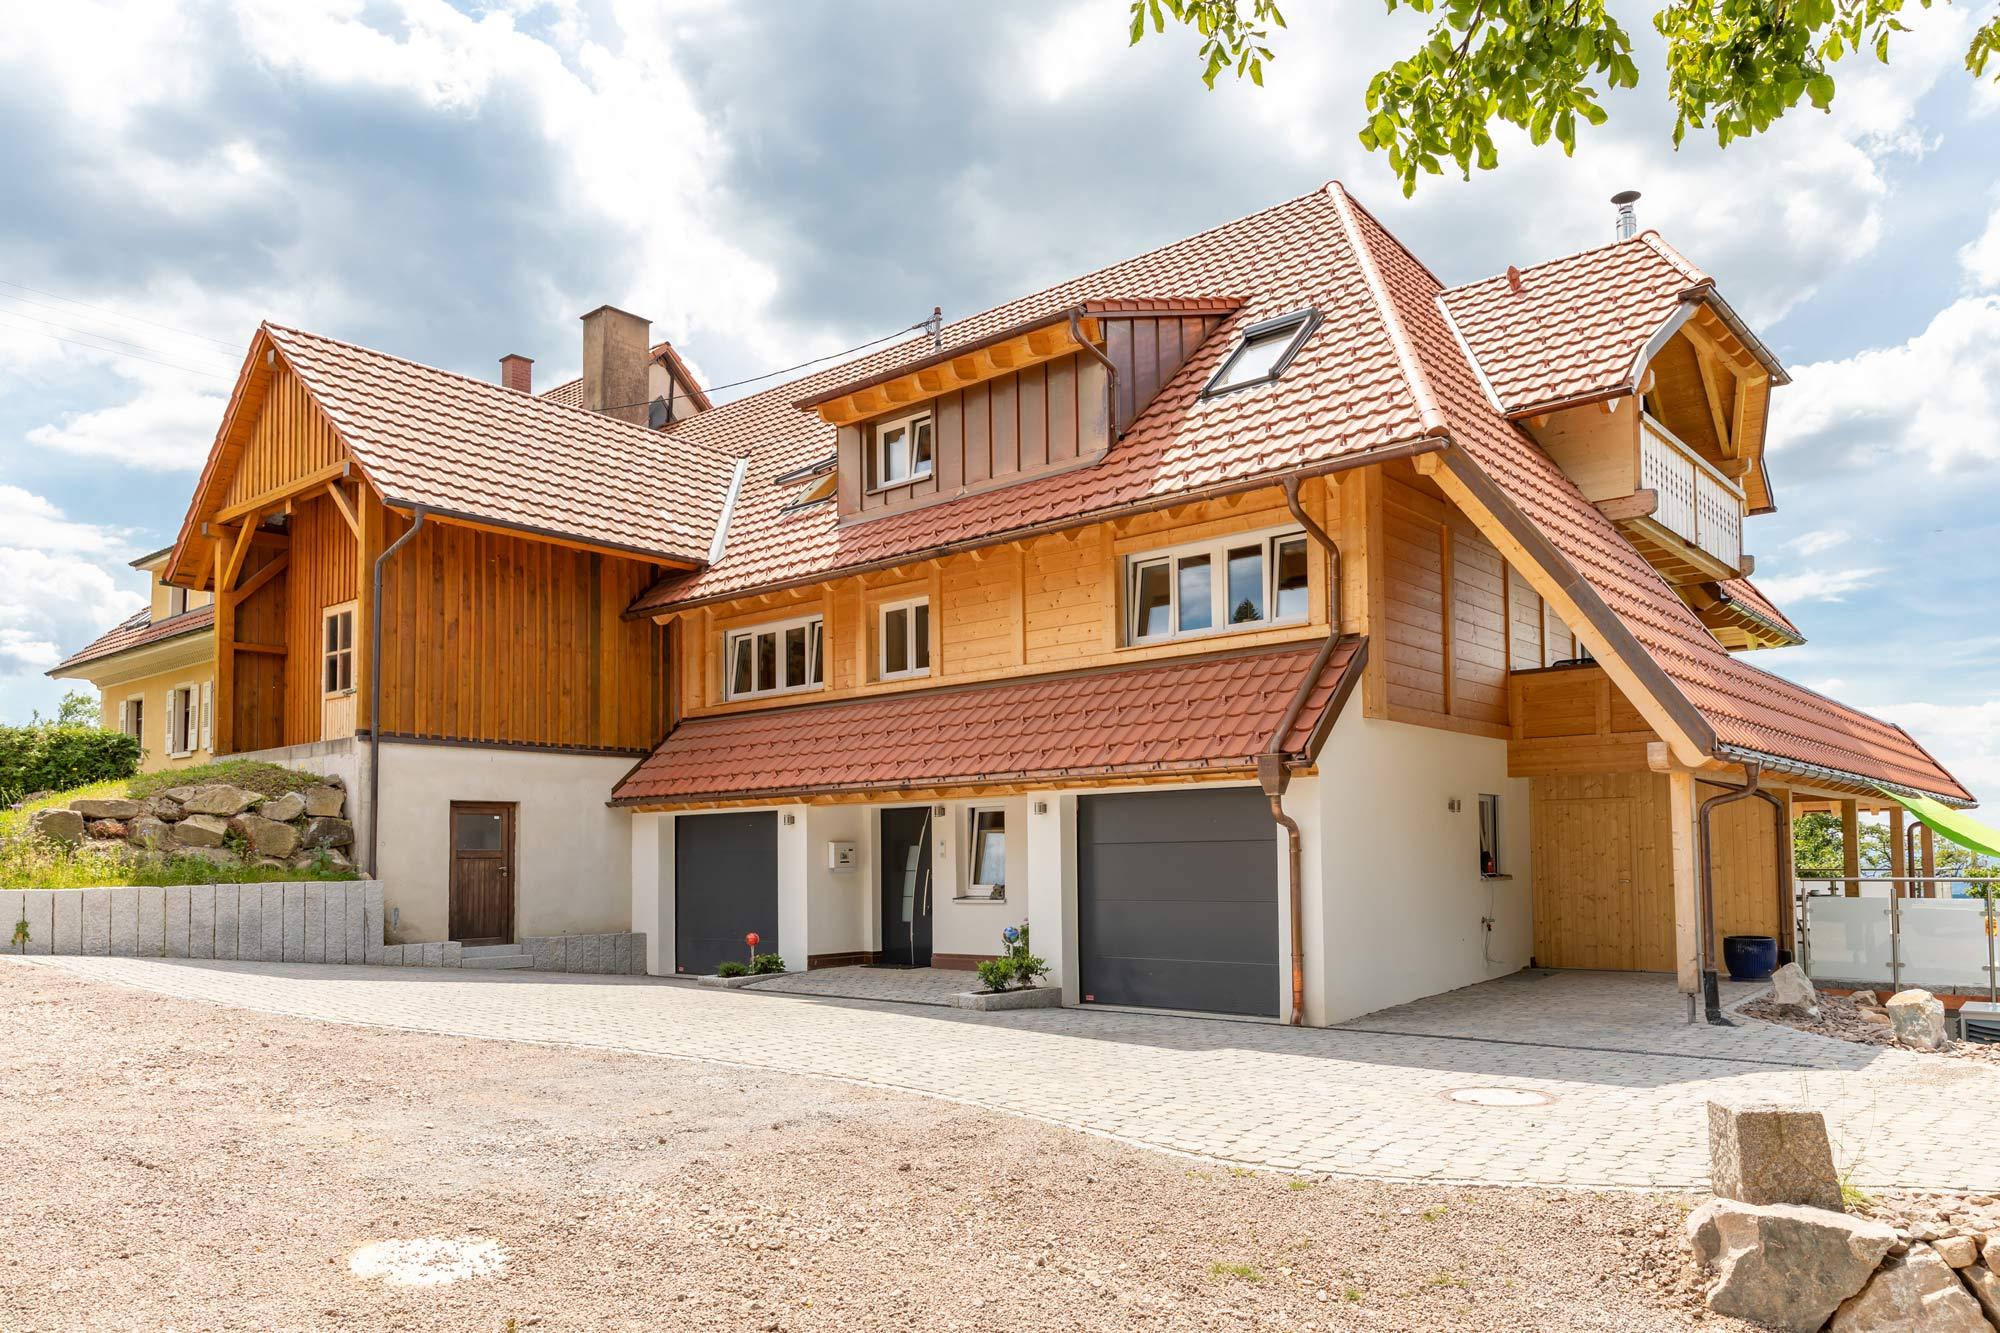 Umbau in Holzbauweise